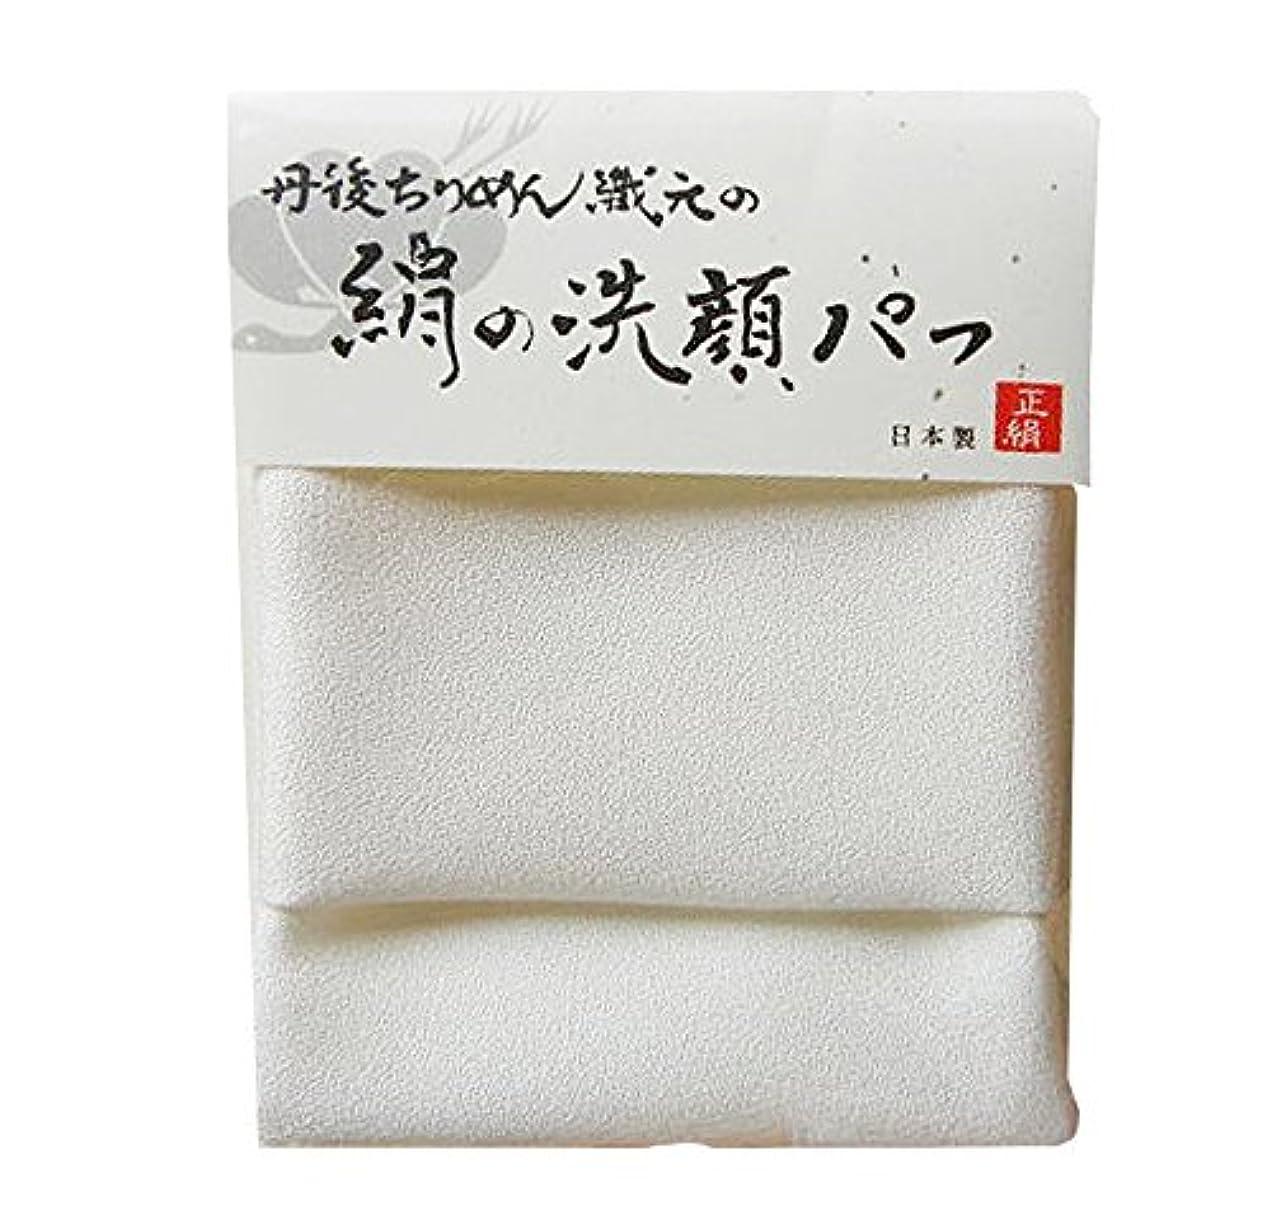 病なまばたき差別【NHKイッピンで紹介!】丹後ちりめん織元の絹の洗顔パフ